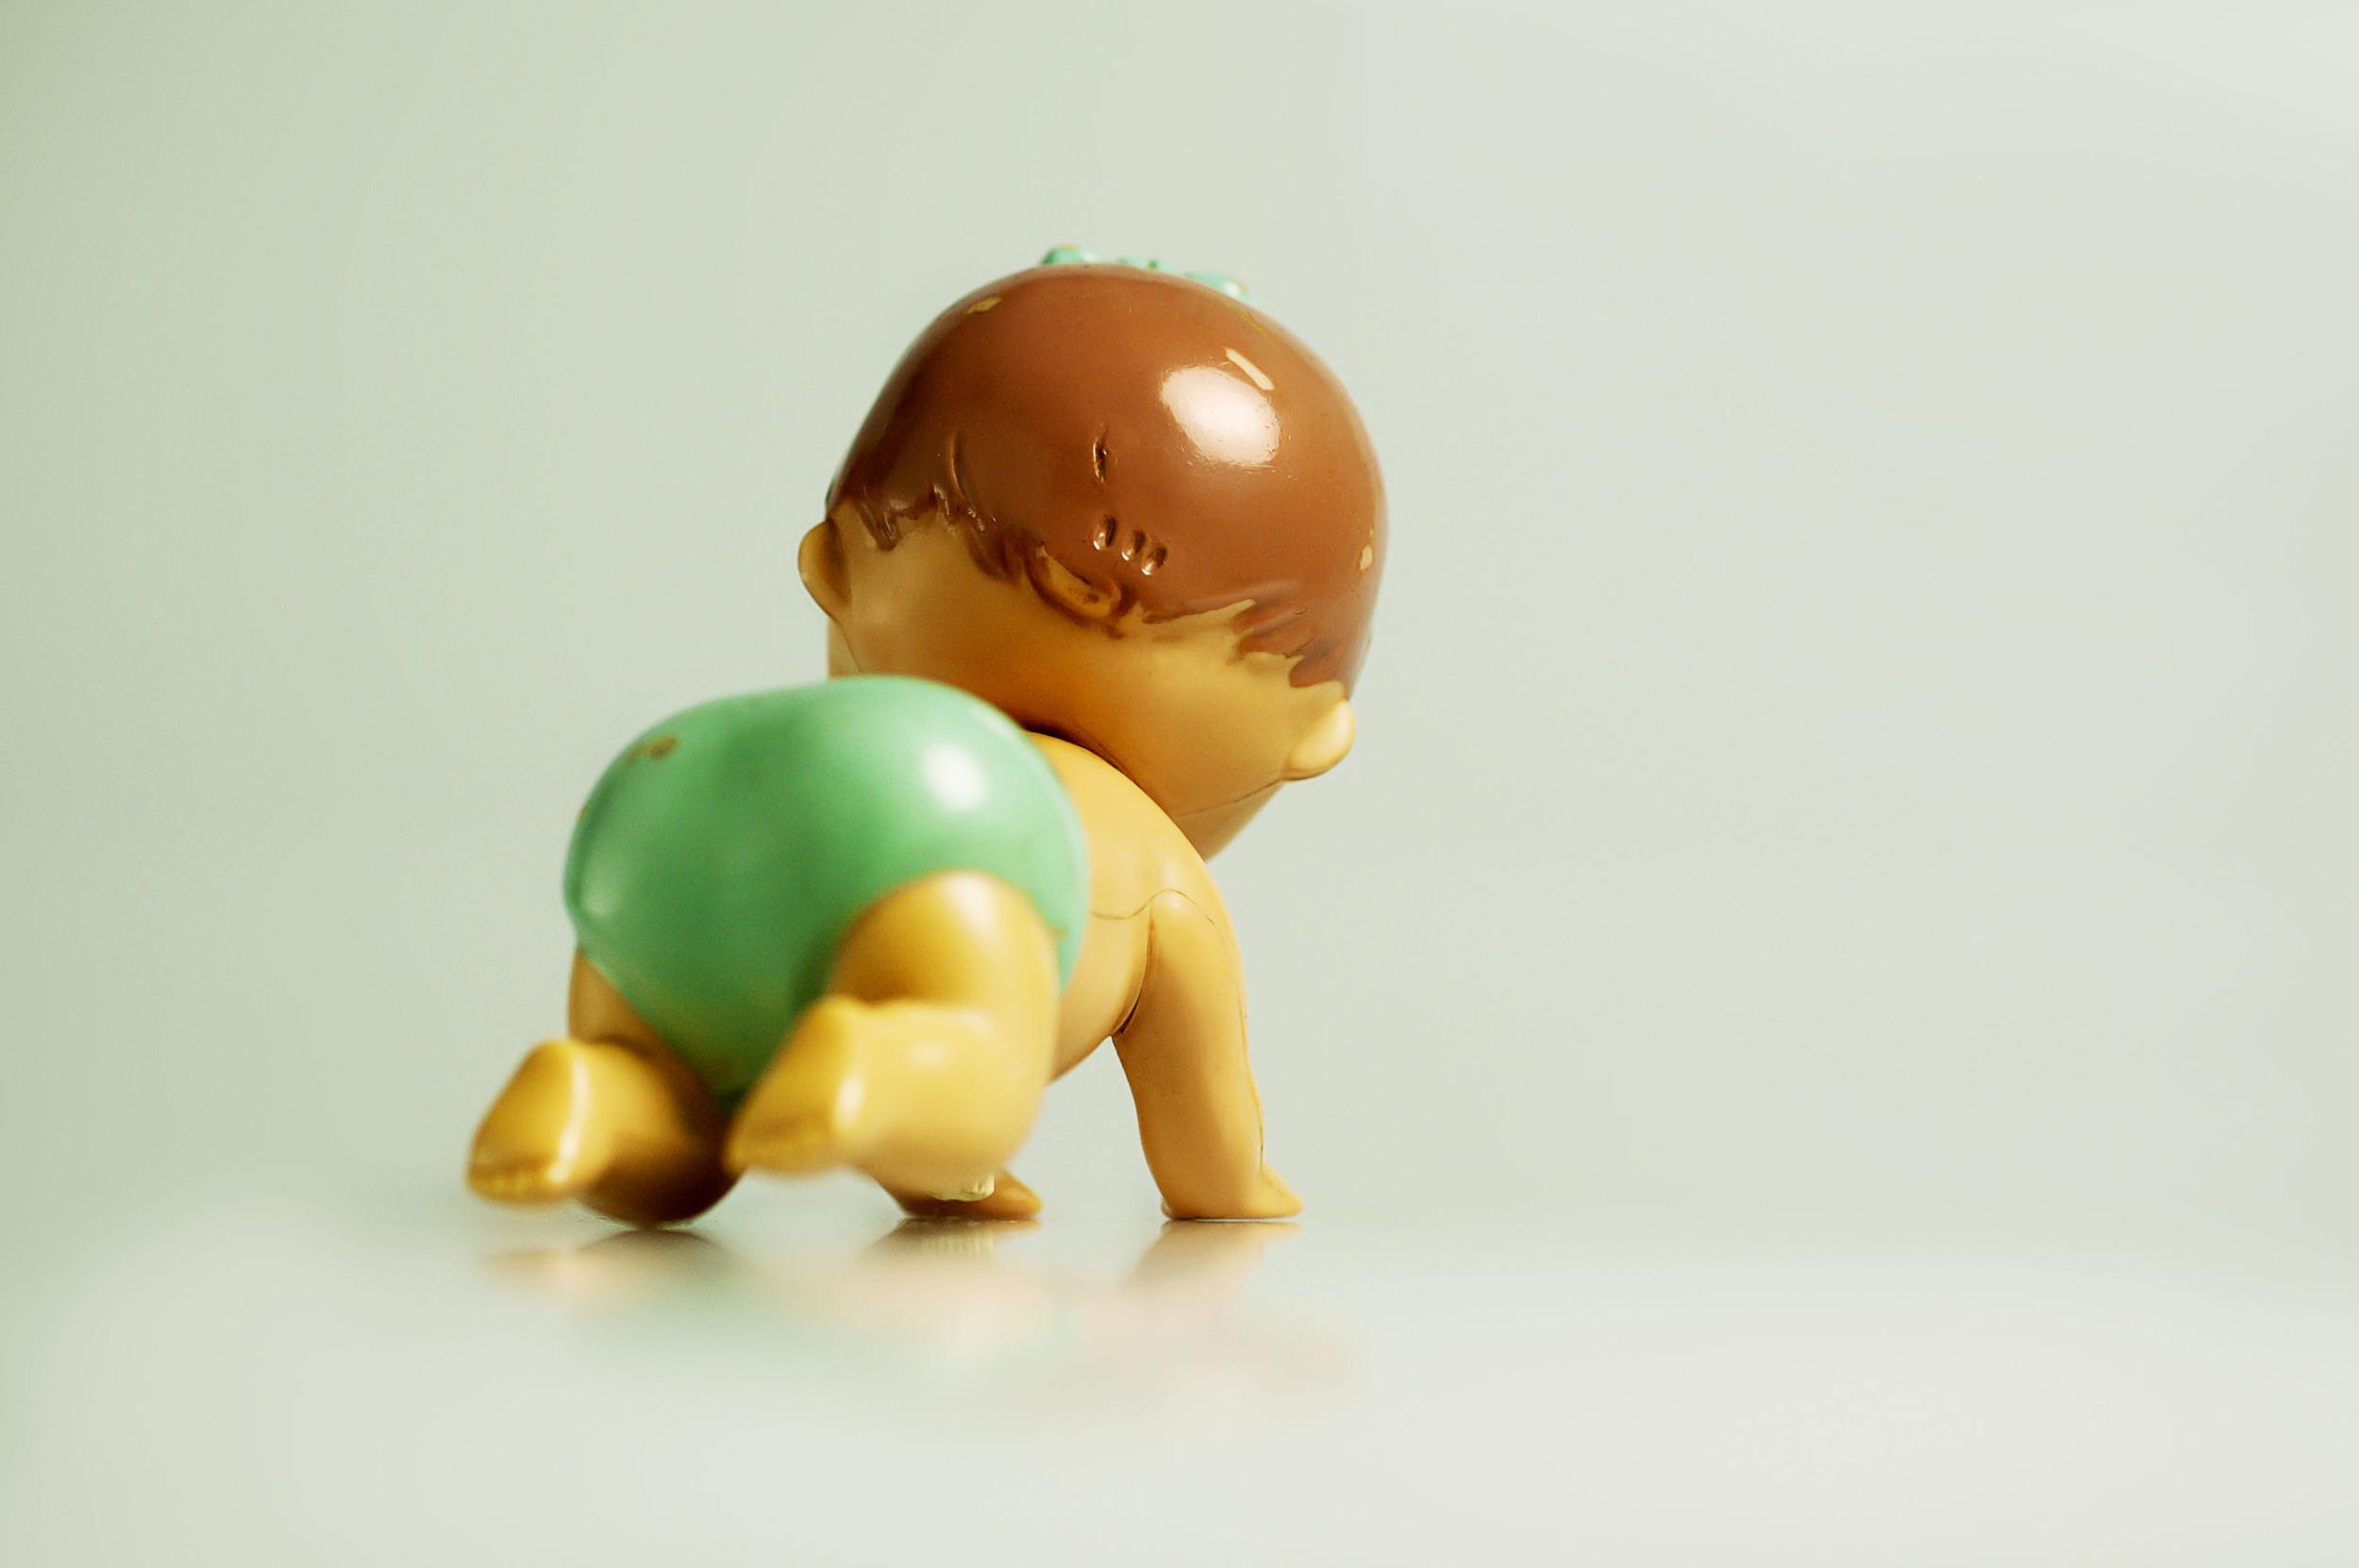 Babies_07.jpg